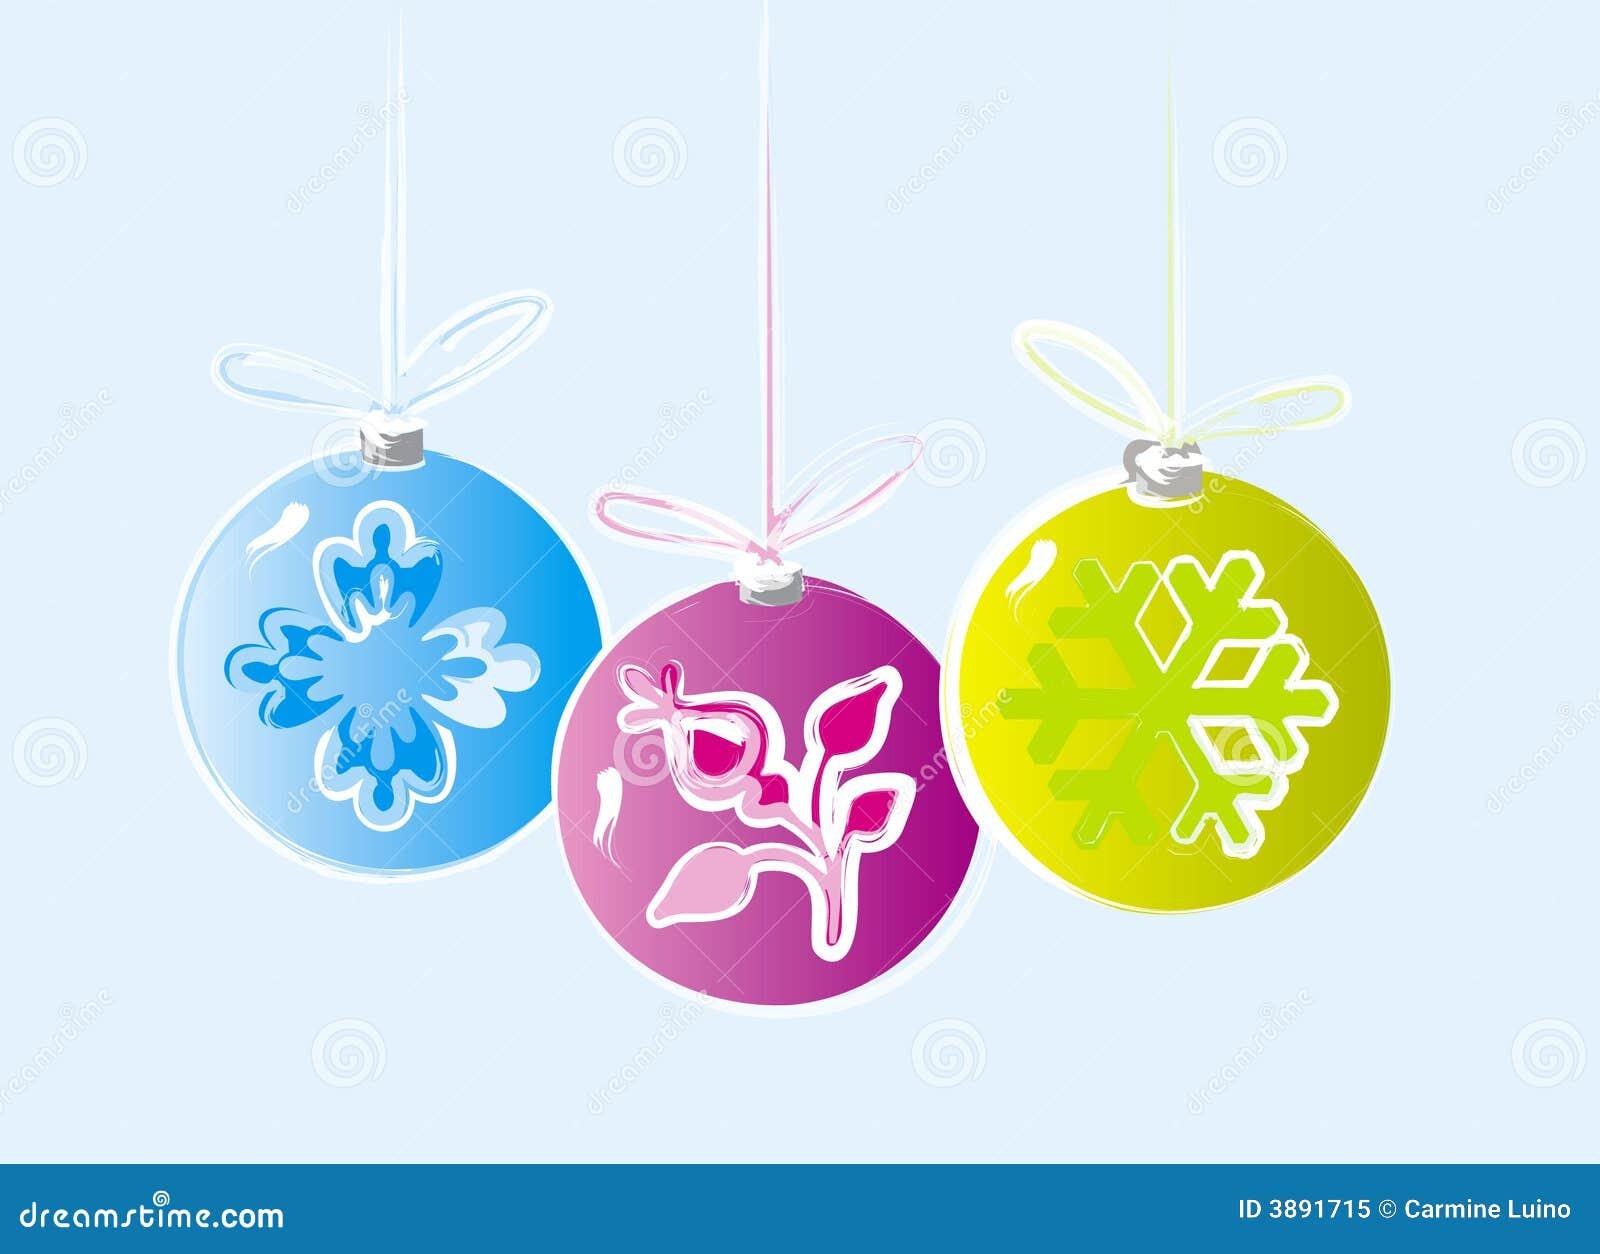 Tres ornamentos de la navidad foto de archivo libre de - Ornamentos de navidad ...